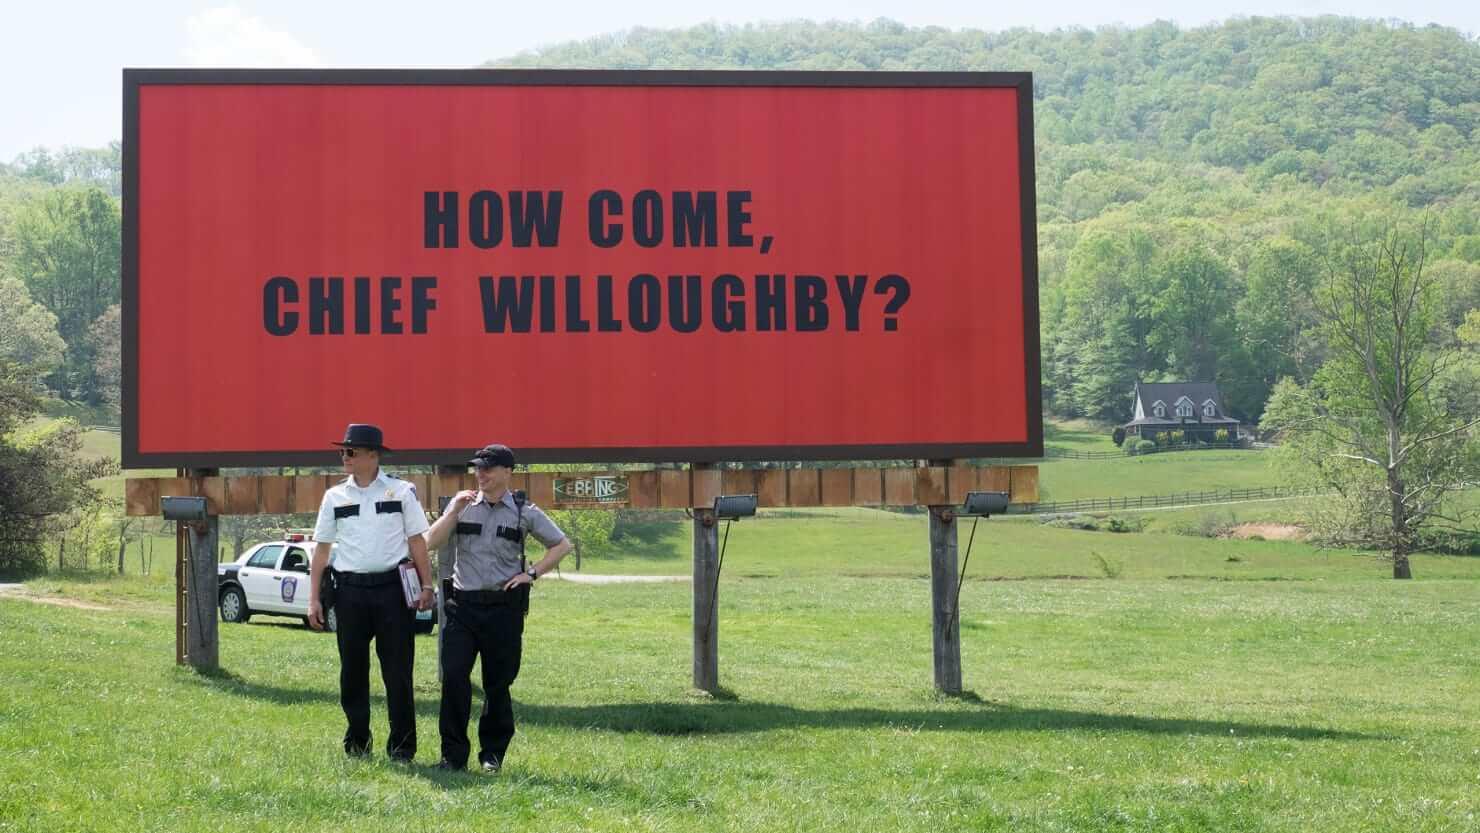 【電影背後】異色犯罪片《意外》那些廣告看板背後的真人真事